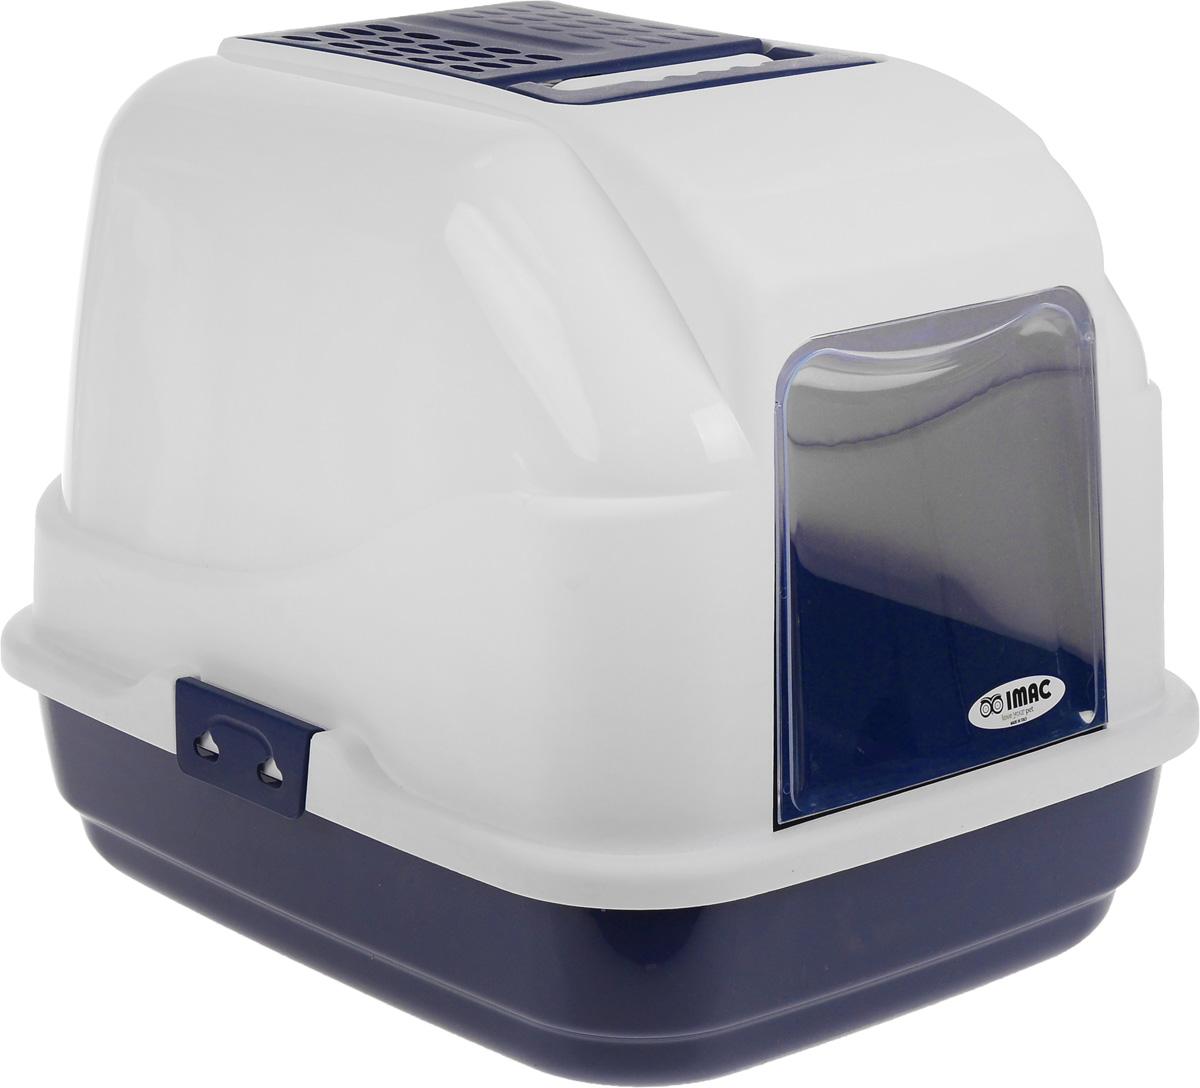 Туалет для кошек IMAC Easy Cat, закрытый, цвет: белый, синий, 50 х 40 х 40 см84094Закрытый туалет для кошек IMAC Easy Cat выполнен из высококачественного пластика. Он довольно вместительный и напоминает домик. Туалет оснащен прозрачной открывающейся дверцей, сменным угольным фильтром, совком и удобной ручкой для переноски. Такой туалет избавит ваш дом от неприятного запаха и разбросанных повсюду частичек наполнителя. Кошка в таком туалете будет чувствовать себя увереннее, ведь в этом укромном уголке ее никто не увидит. Кроме того, яркий дизайн с легкостью впишется в интерьер вашего дома. Туалет легко открывается для чистки благодаря практичным защелкам по бокам. УВАЖАЕМЫЕ КЛИЕНТЫ! Обращаем ваше внимание, что цвет синих элементов изделия может отличаться оттенком от представленного на фотографии. Поставка осуществляется в зависимости от наличия на складе.